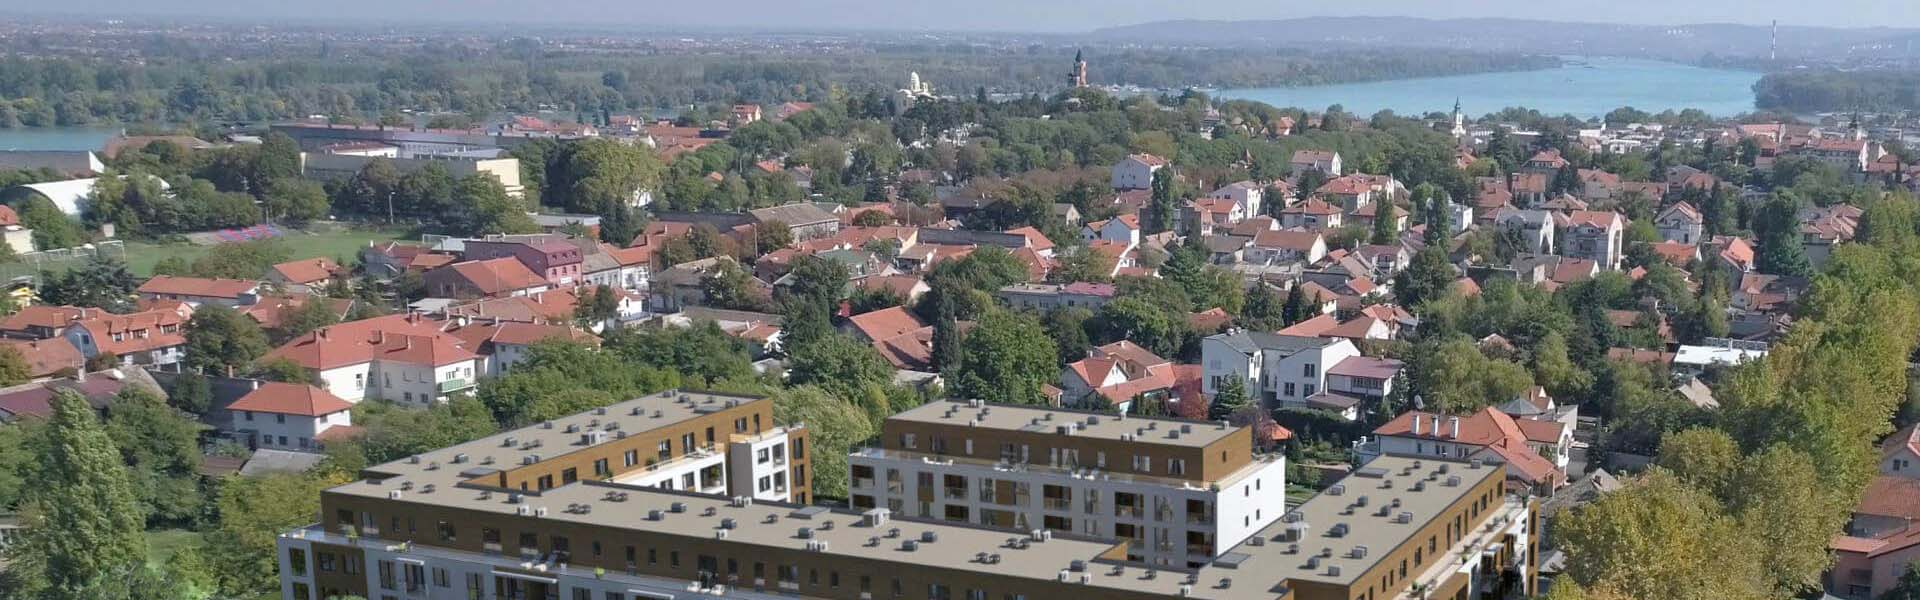 Dostava hrane Gornji grad | Beograd